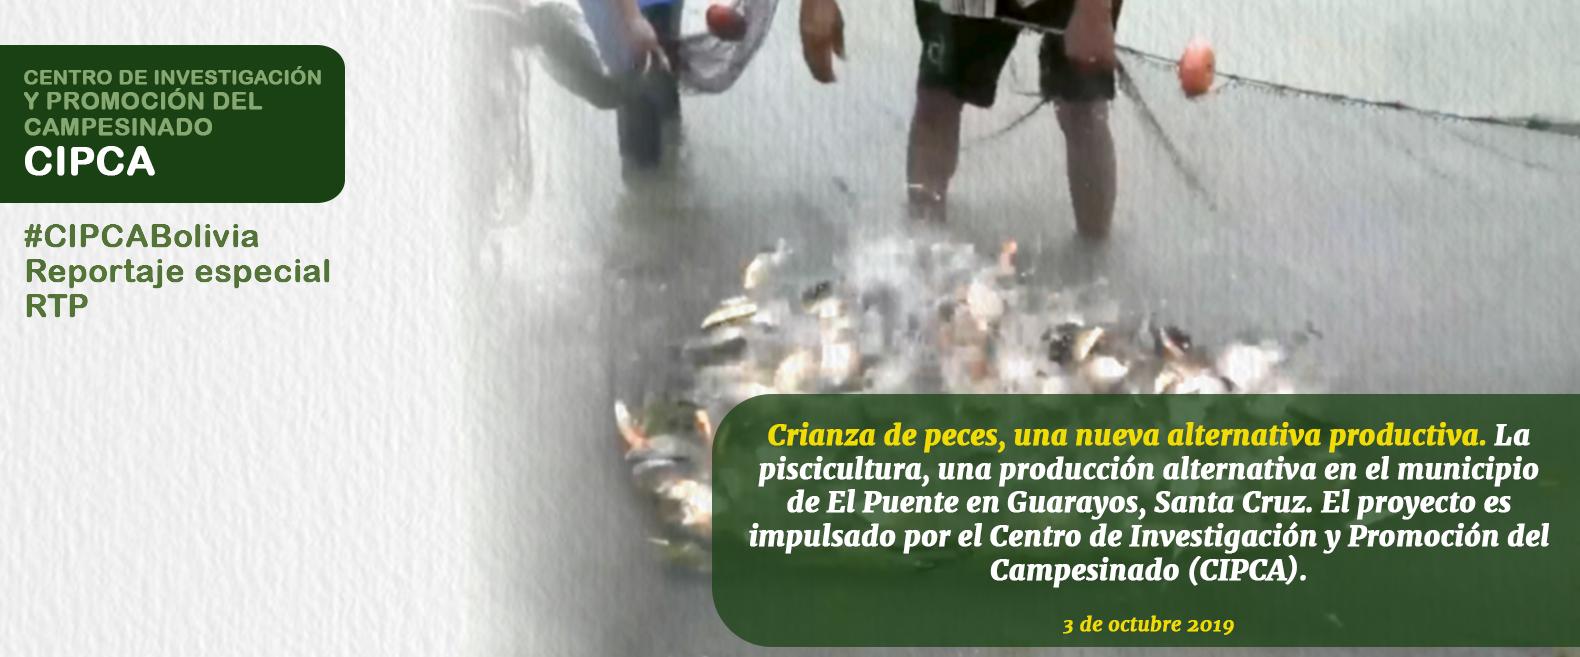 Crianza de peces, una nueva alternativa productiva